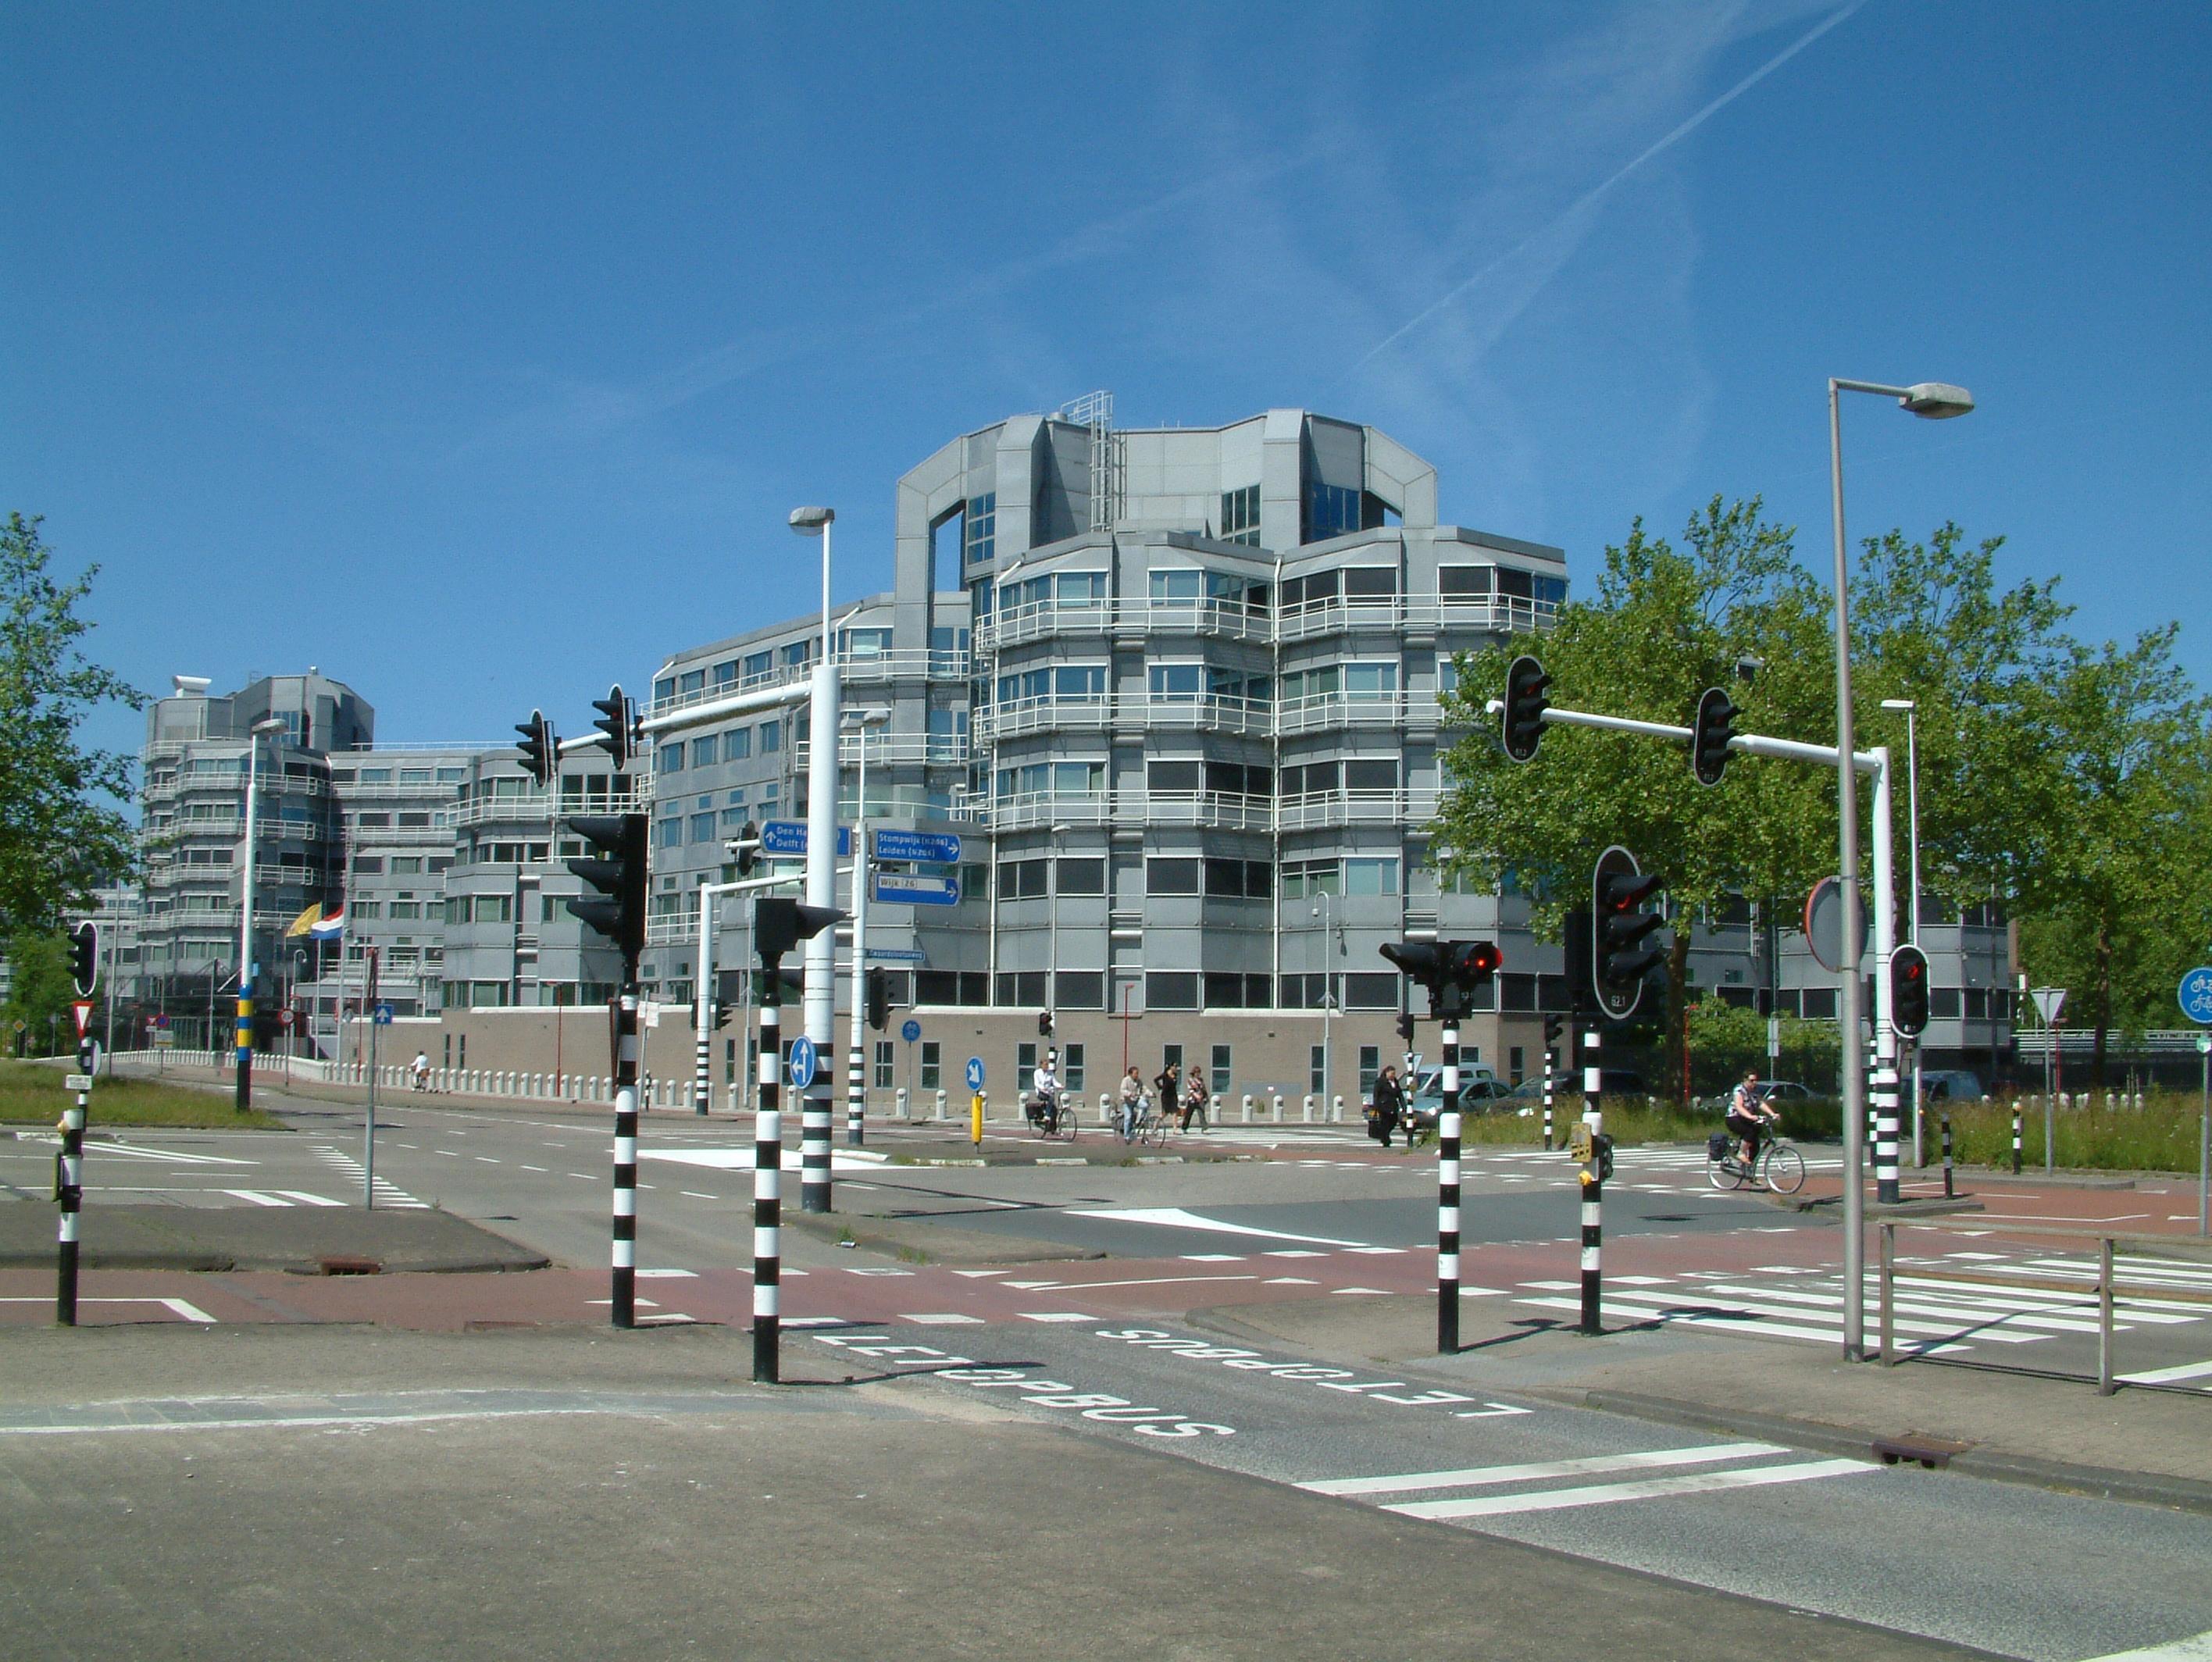 Kantoor Van Joint : File zoetermeer de leyens aivd kantoor g wikimedia commons